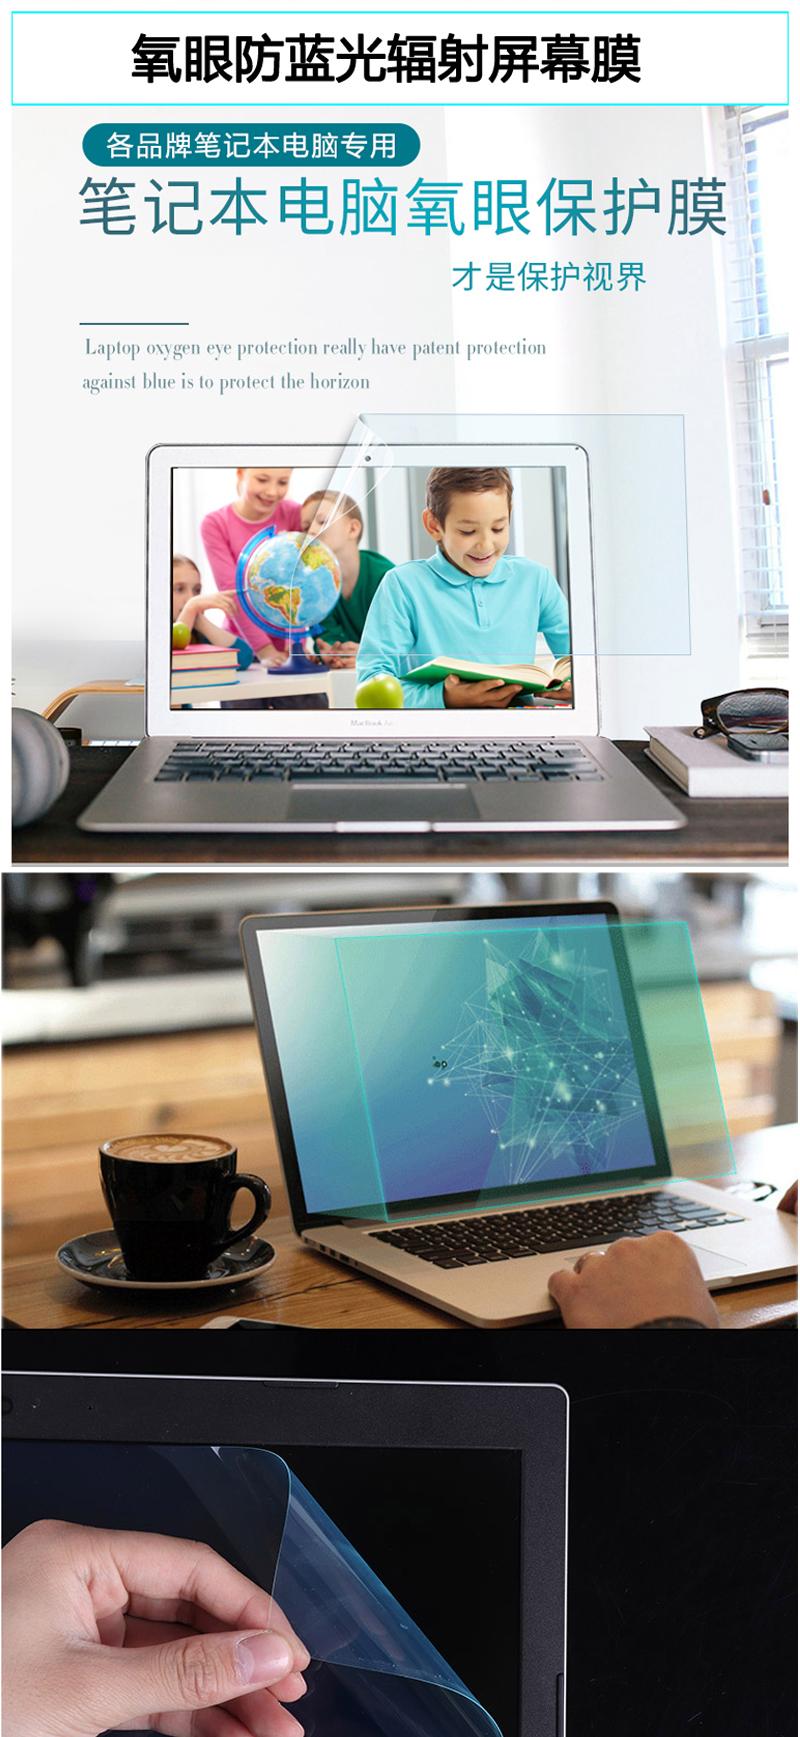 Dán Macbook  133Macbook AirA1369A1466 ABCD 苹果A1369/A1466(苹果004) - ảnh 38